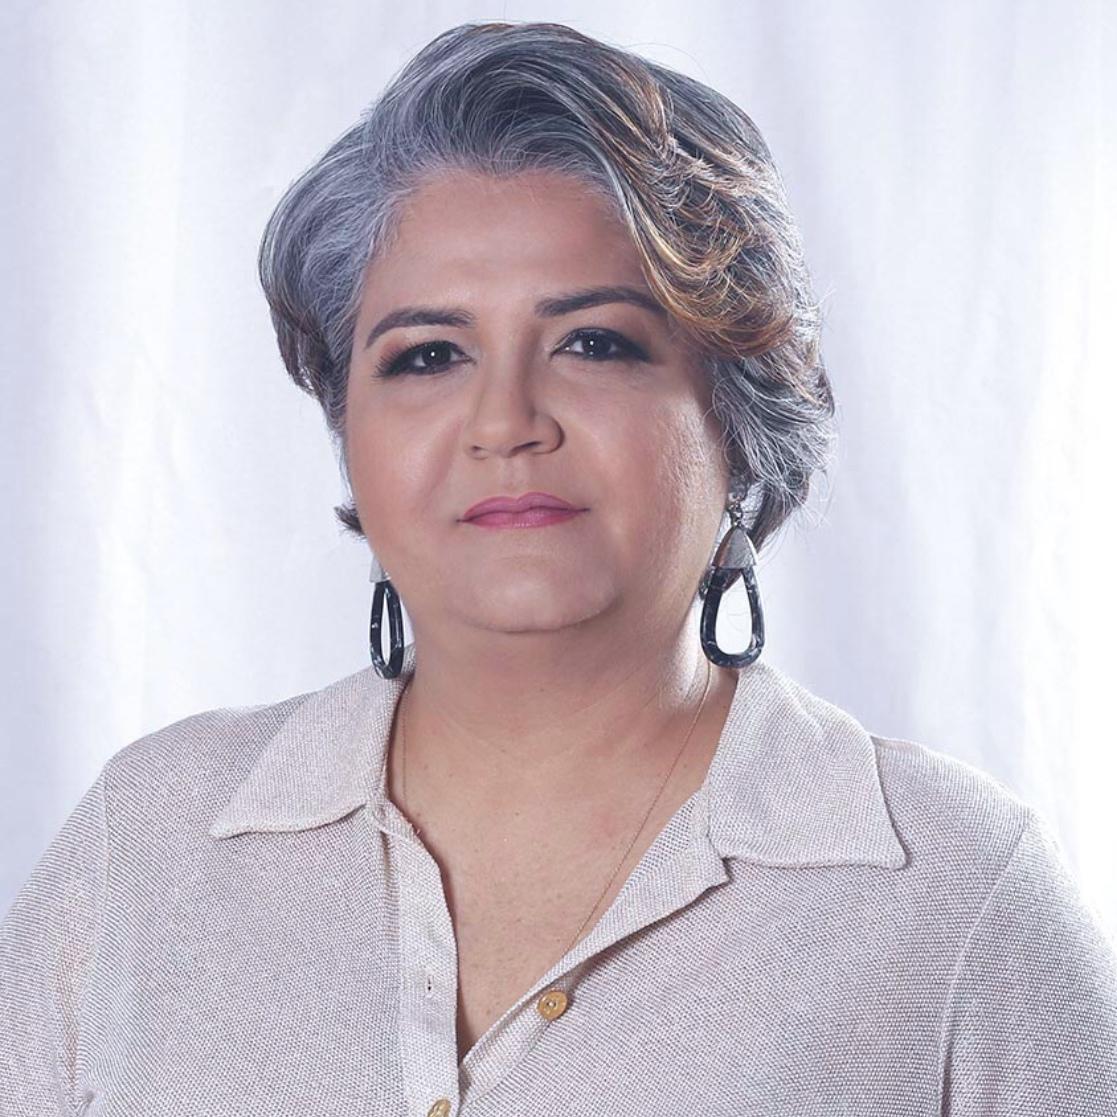 Lúcia Maria de Sousa Aguiar dos Santos